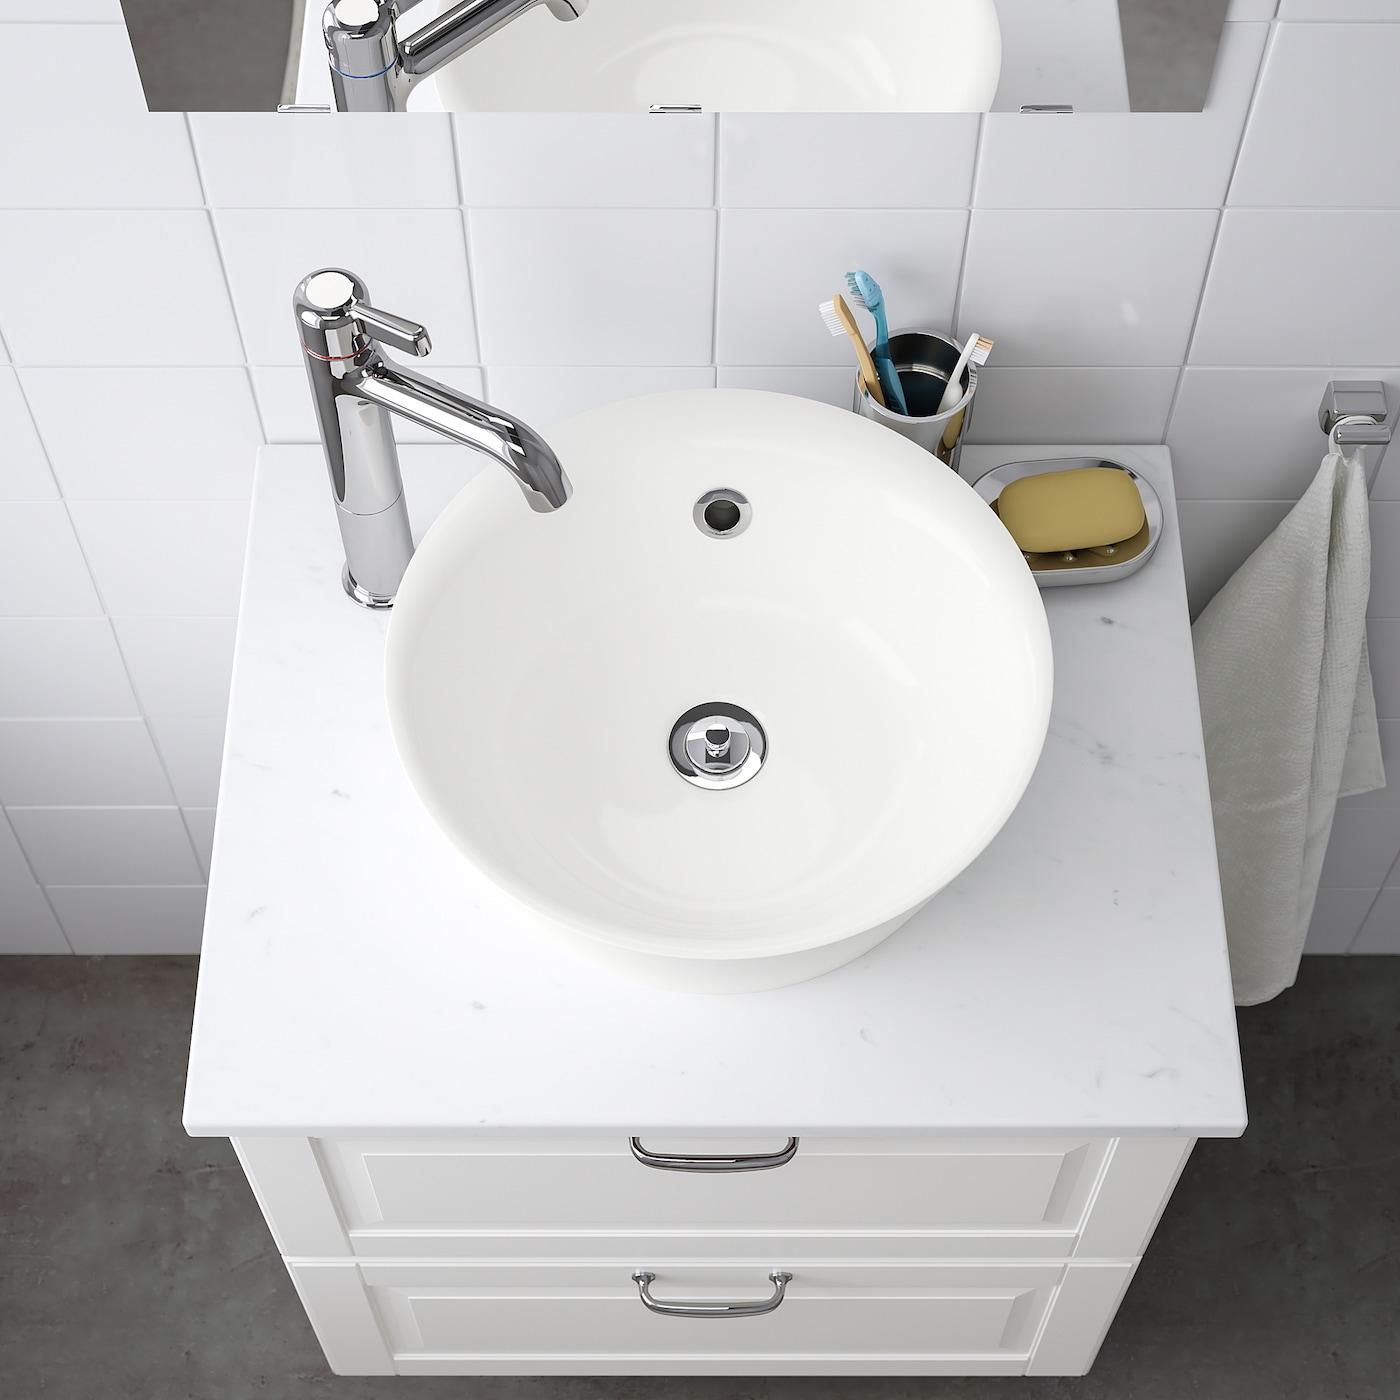 Kattevik Countertop Sink White 15 3 4